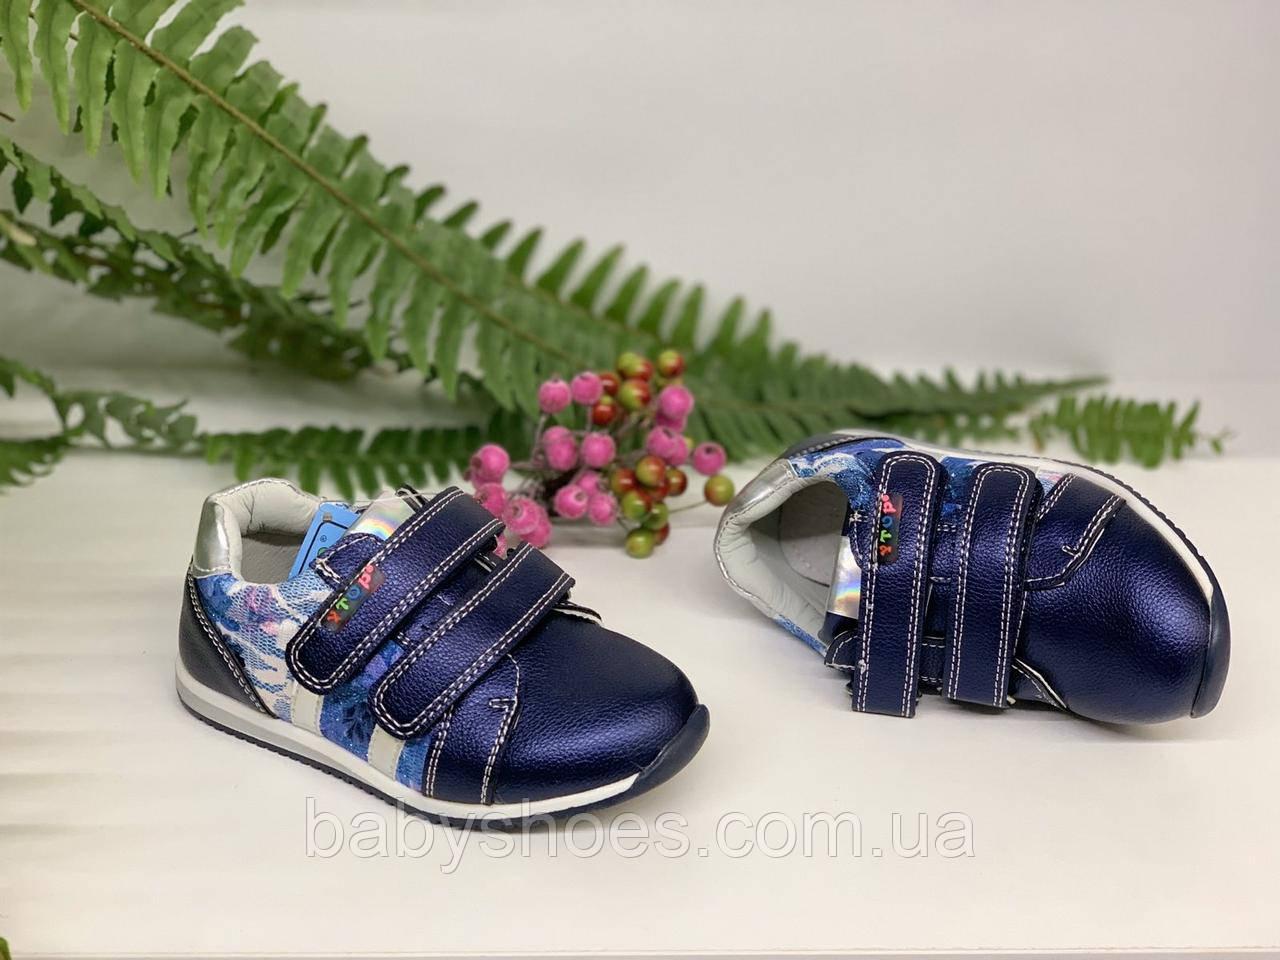 Кроссовки для девочки YTOP  р.26-31  КД-36